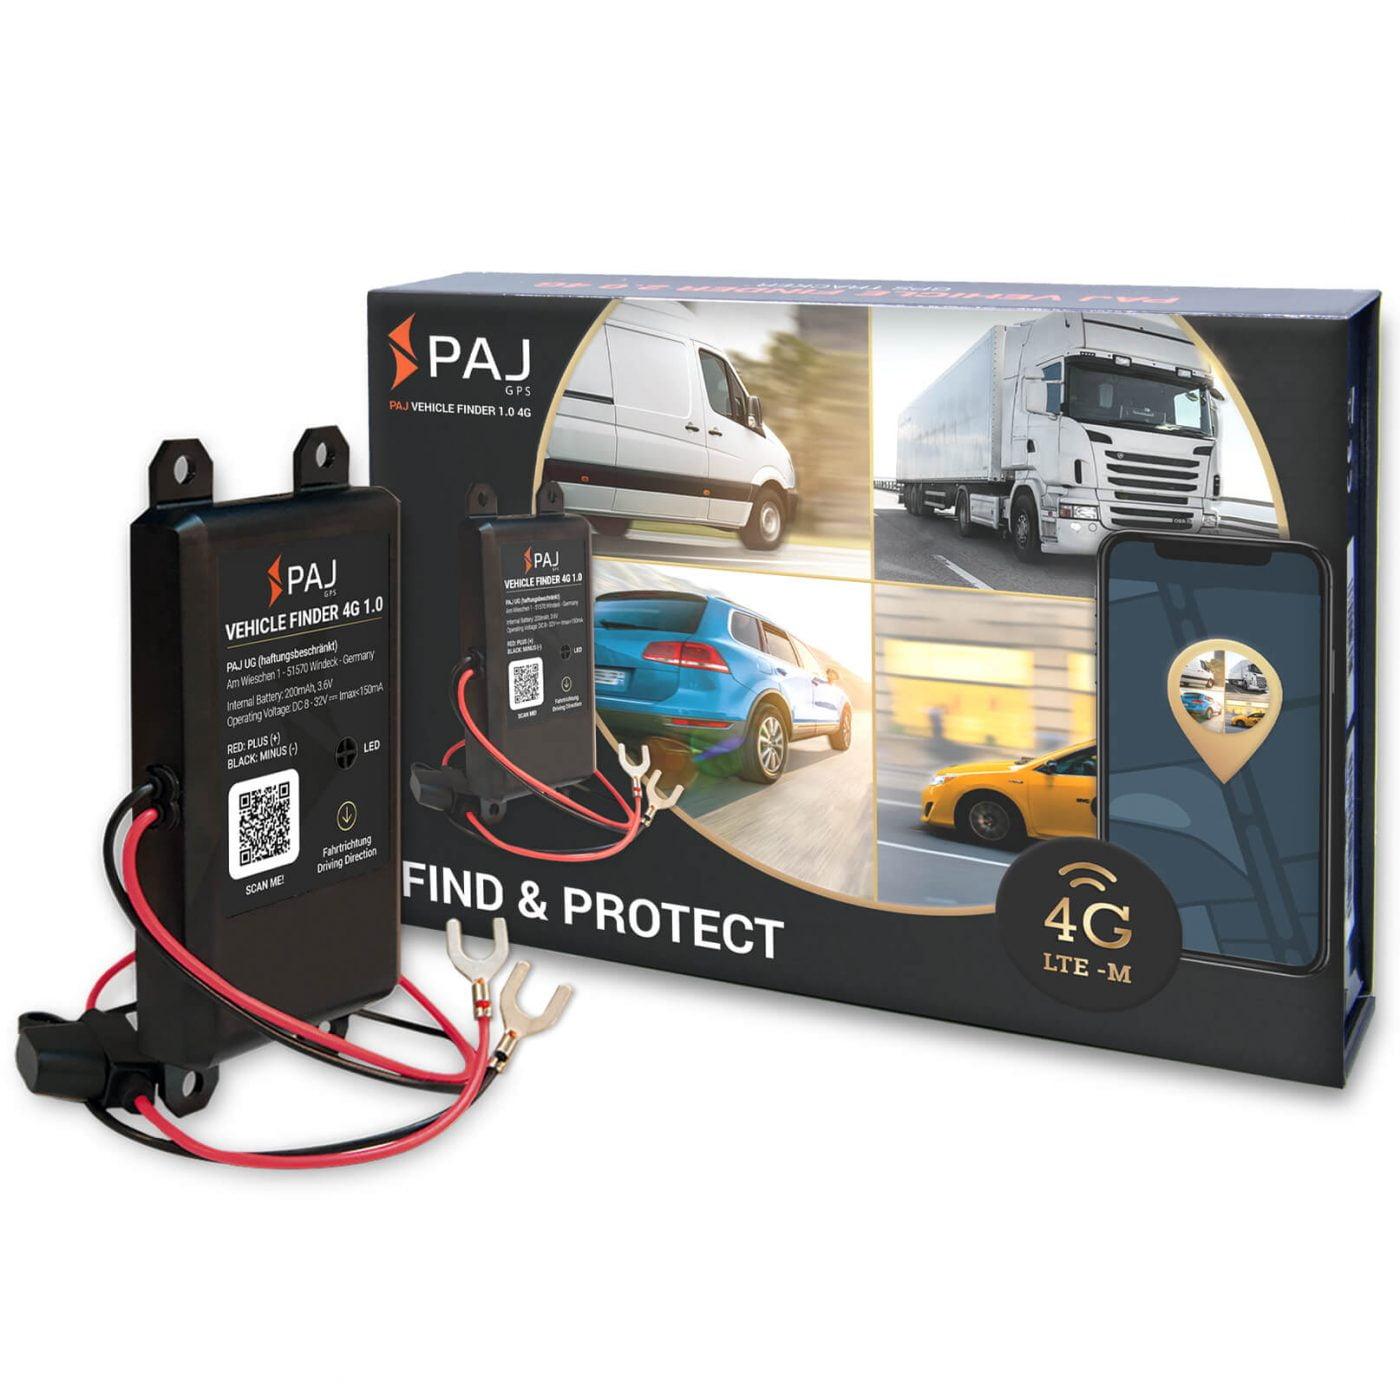 collage vehicle finder 1.0 4g paj neue version 1400x1400 - AG GPS-Tracker für Landwirtschaft